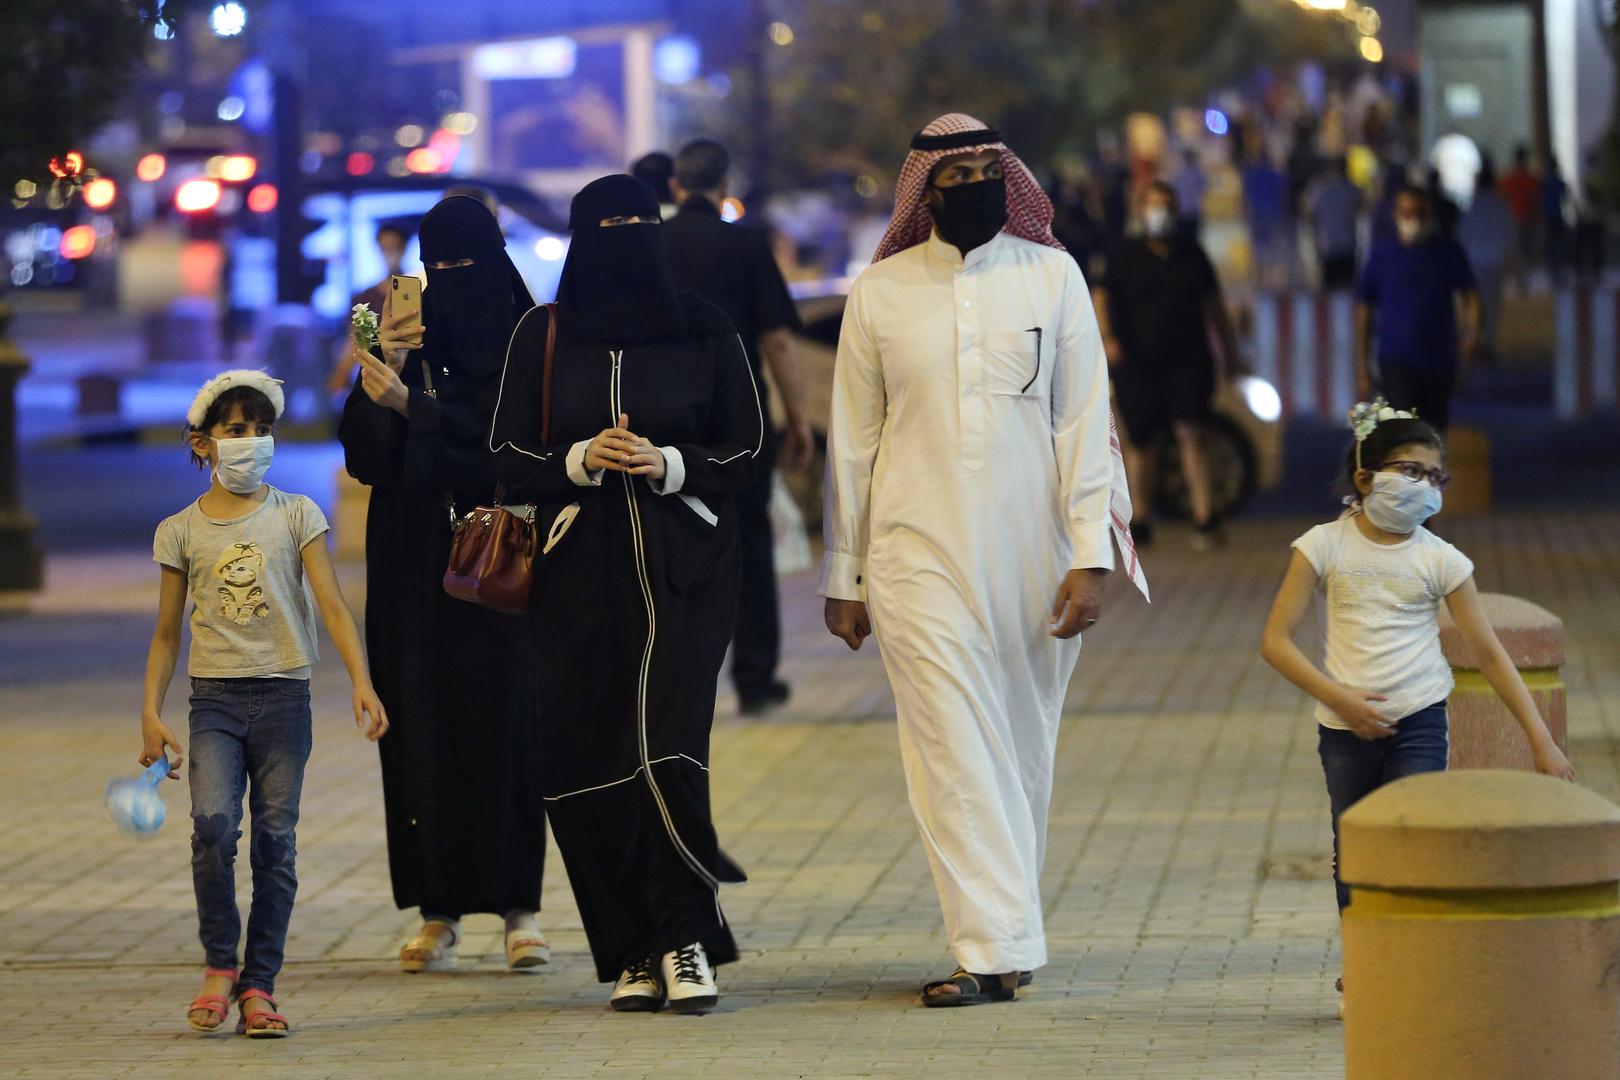 النيابة العامة السعودية تذكر بعقوبة العنف الأسري في المملكة